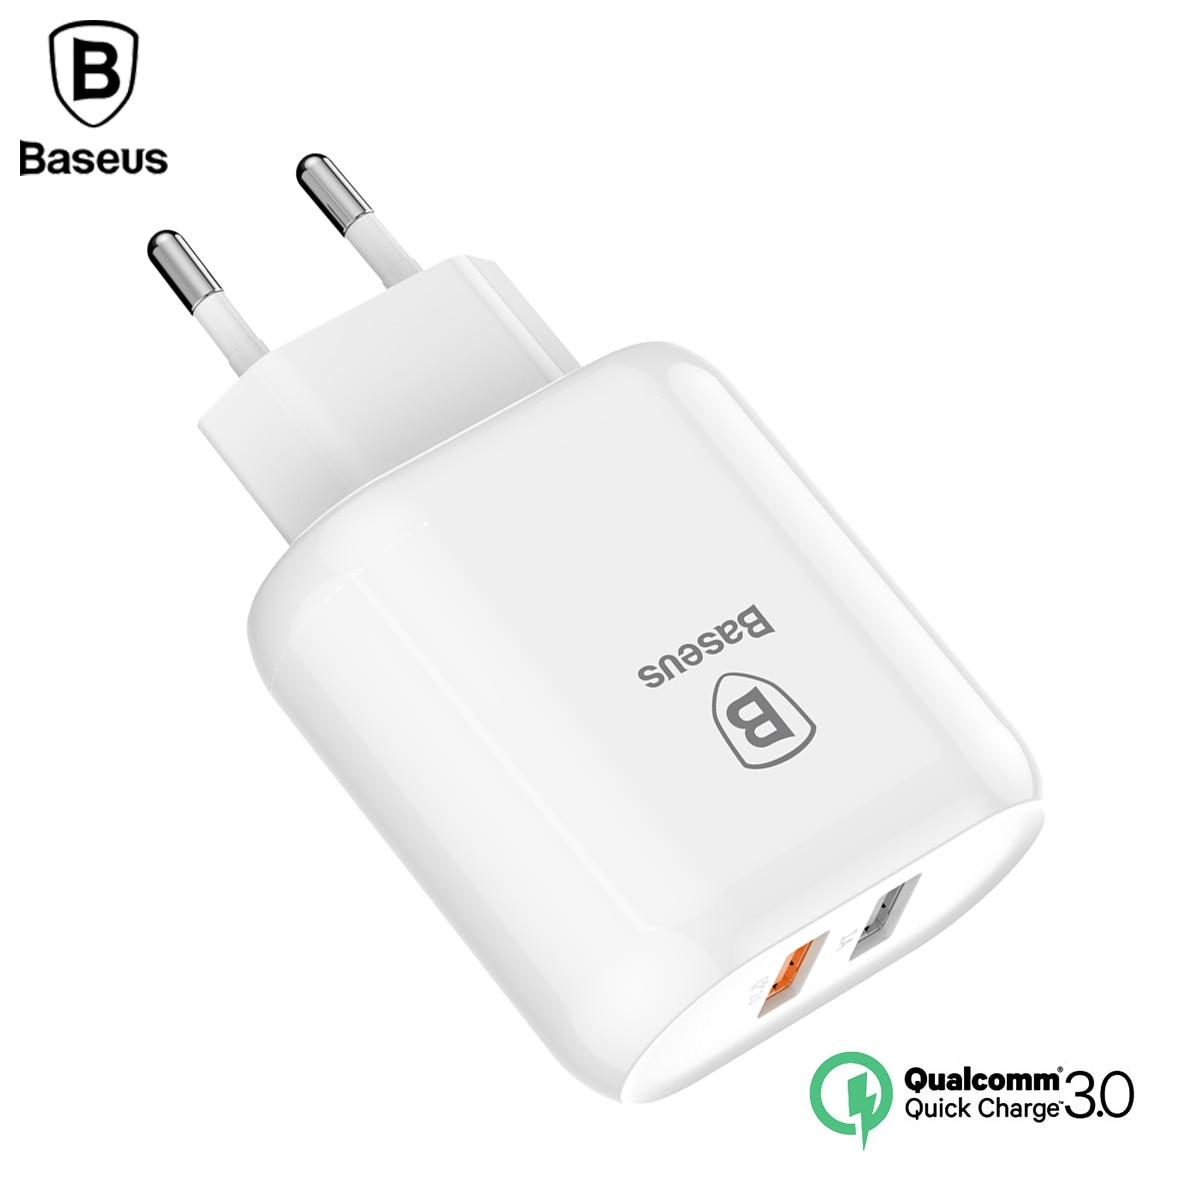 Baseus QC 3,0 adaptador de cargador USB Dual Enchufe europeo cargador de pared de viaje Cargador rápido para iPhone Samsung Xiaomi cargador de teléfono móvil